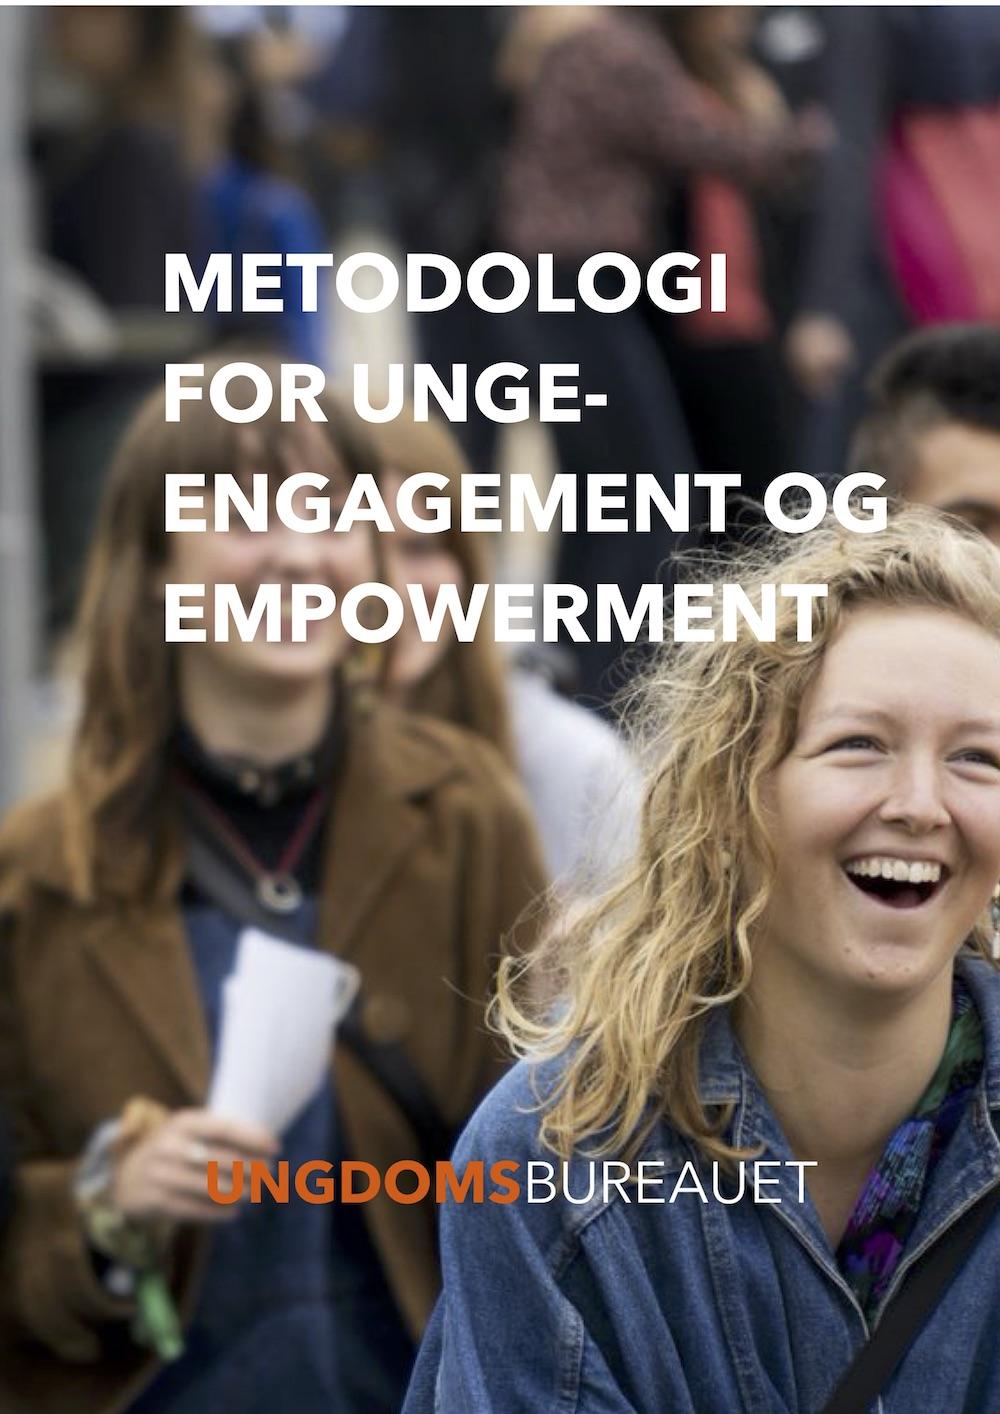 Metodologi for unge-engagement og empowerment